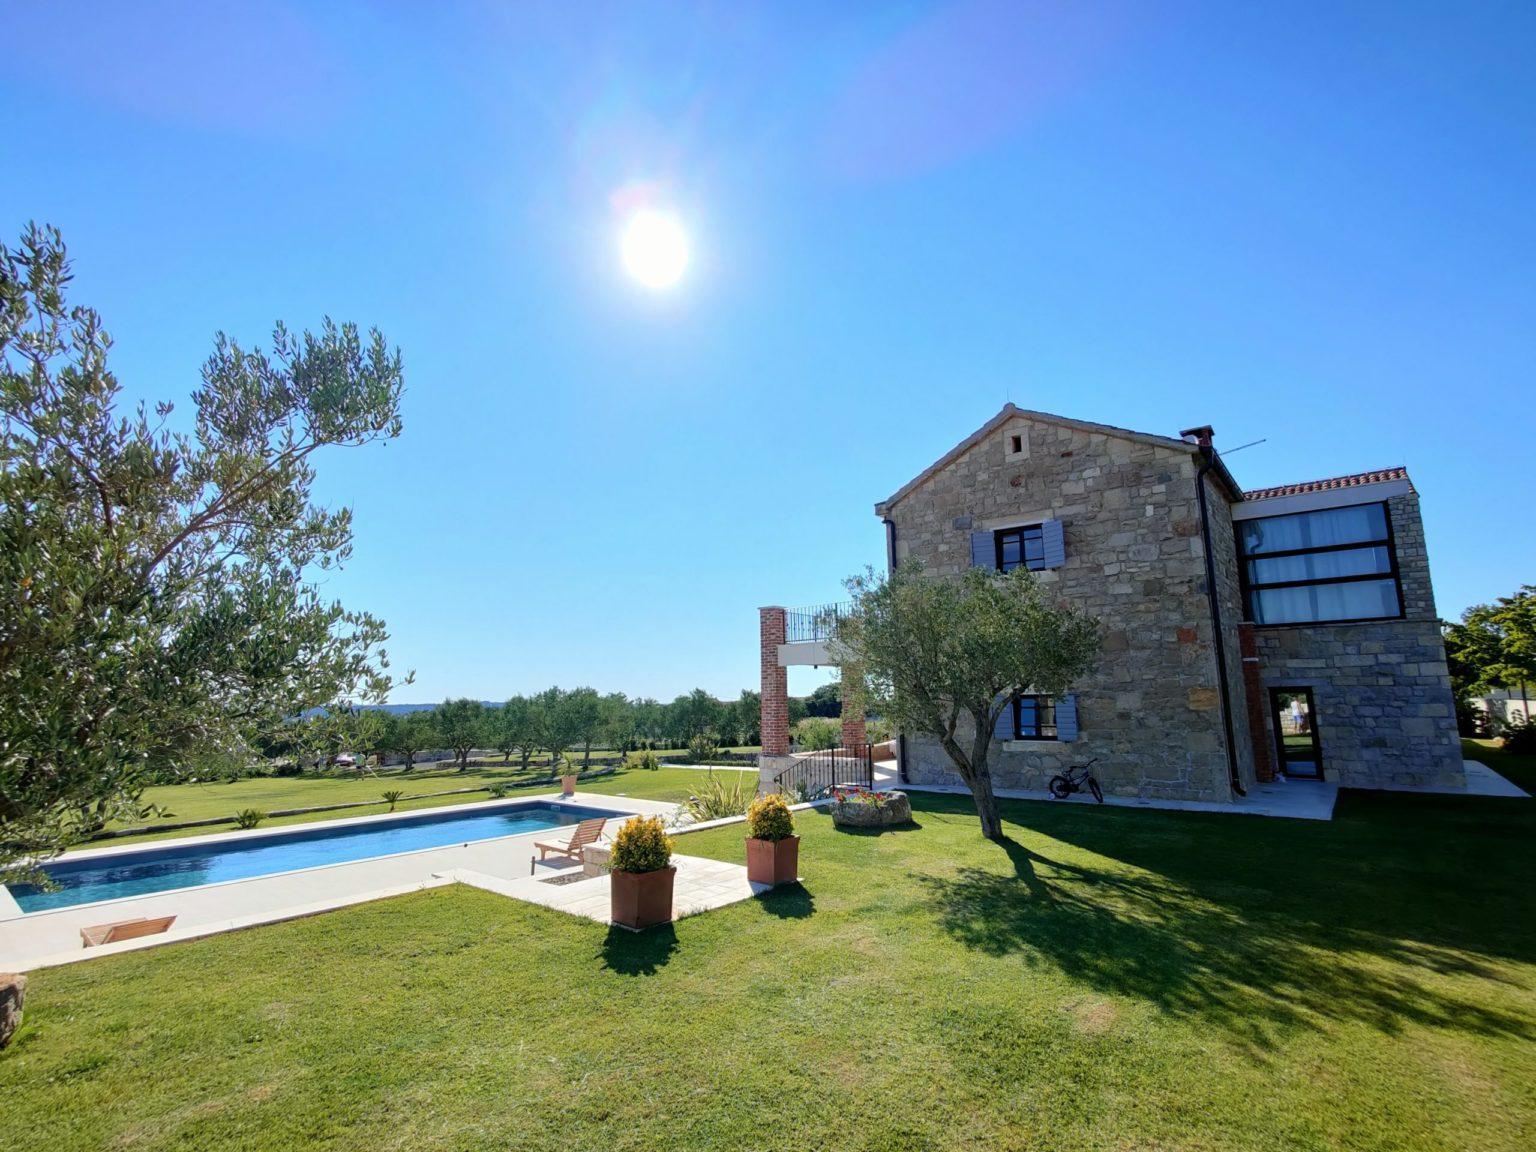 hochzeitslocation Kroatien location hochzeit heiraten 5 8 scaled - Moderne Villa